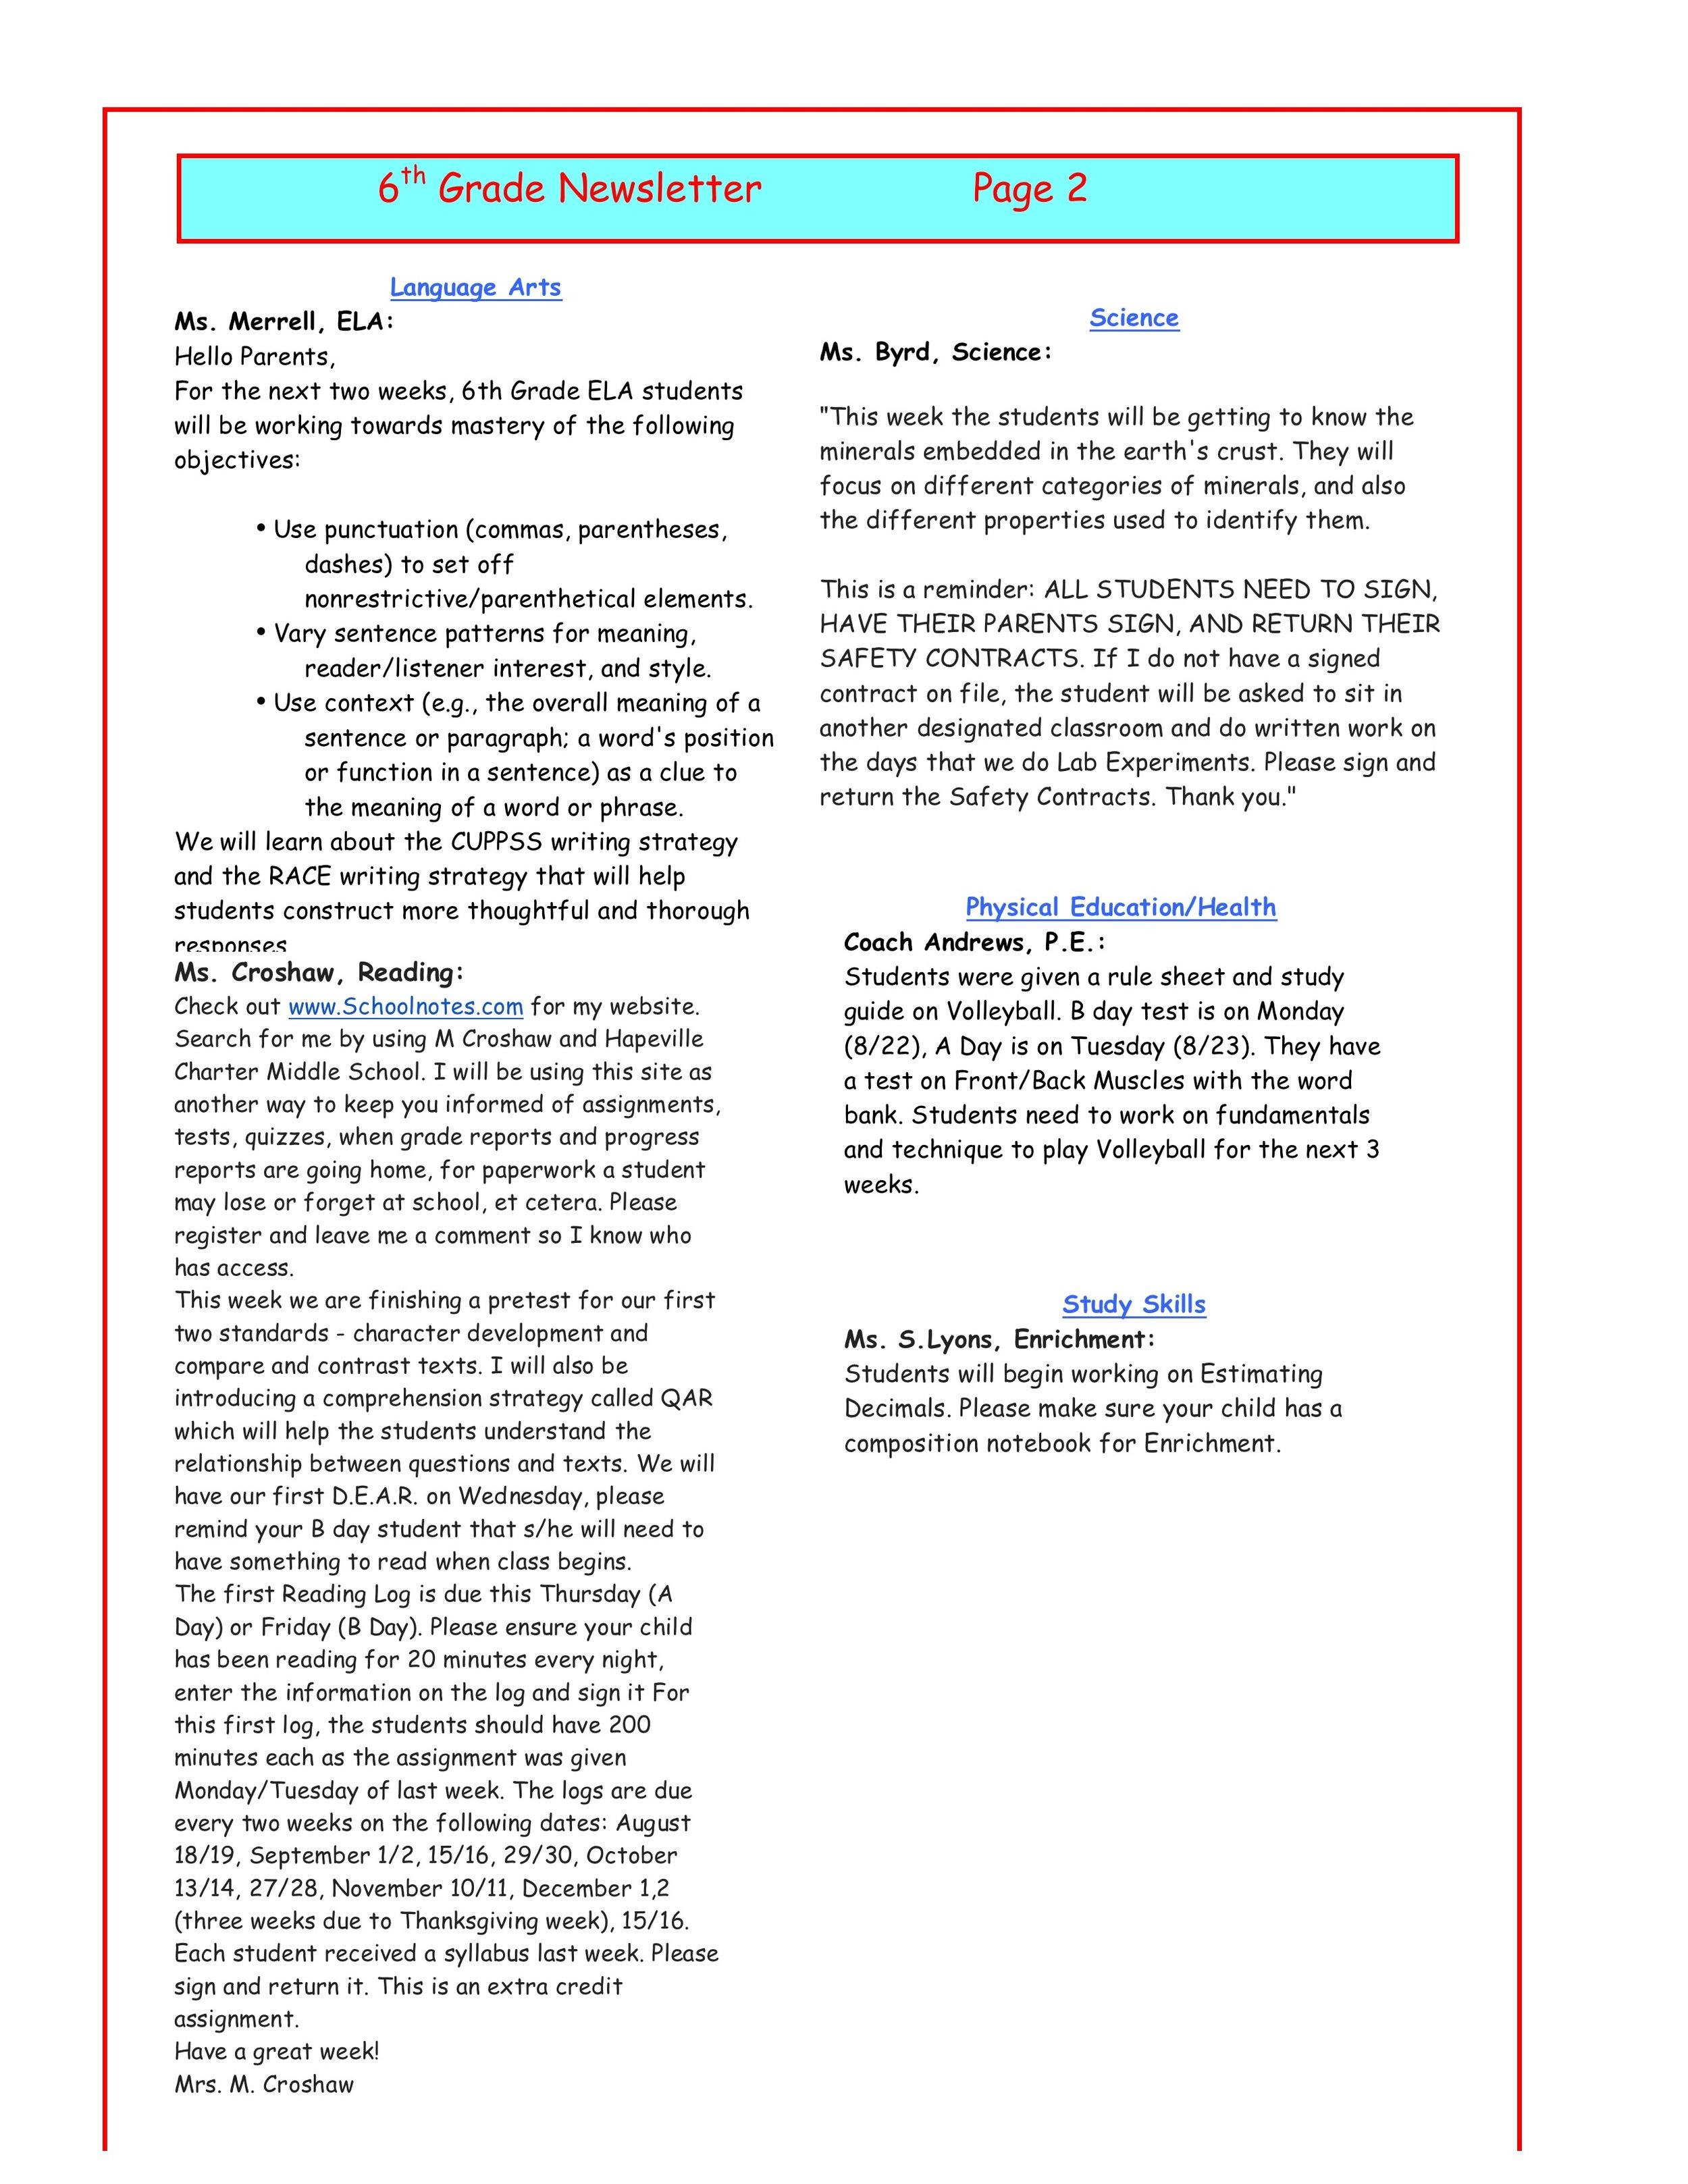 Newsletter Image6th Grade Newsletter 8-15-2016 2.jpeg